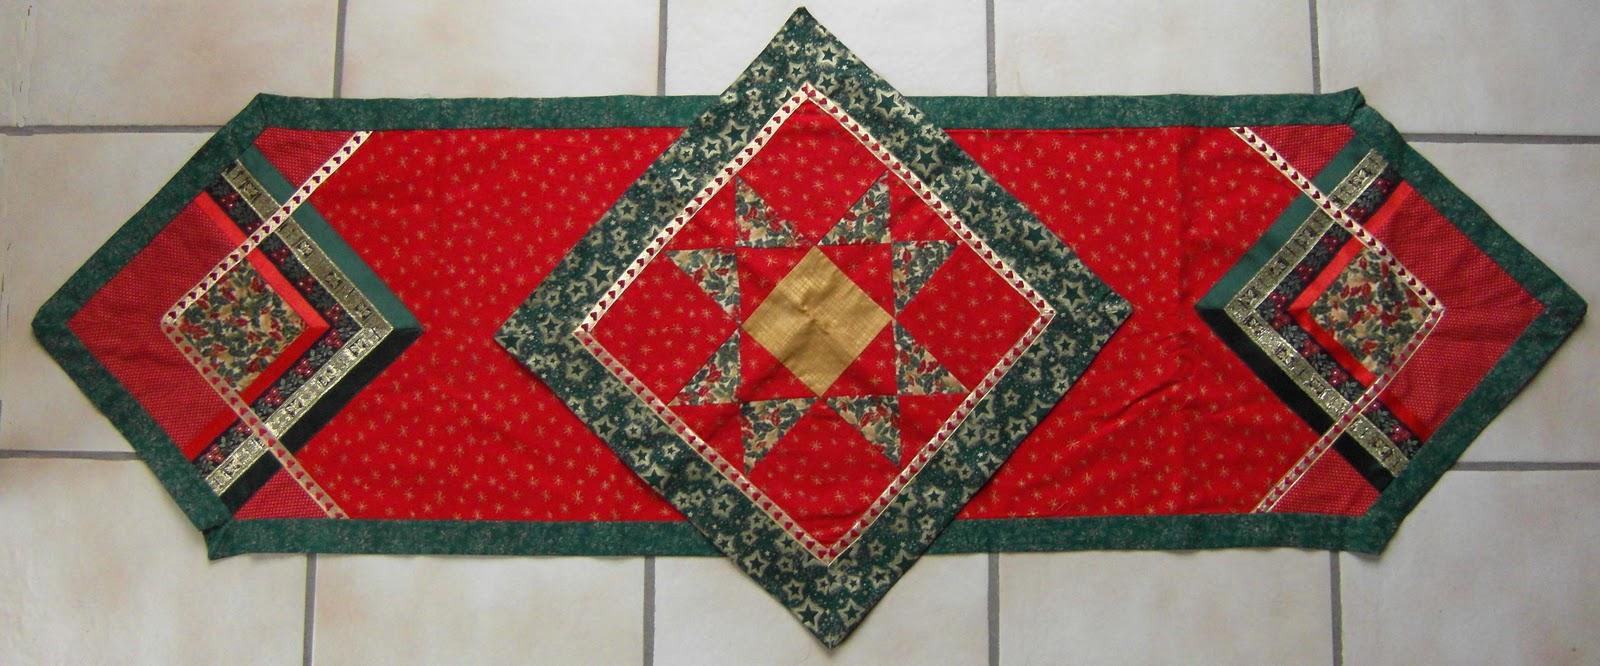 L 39 atelier de caline d cembre 2011 for Decoration lumignon 8 decembre